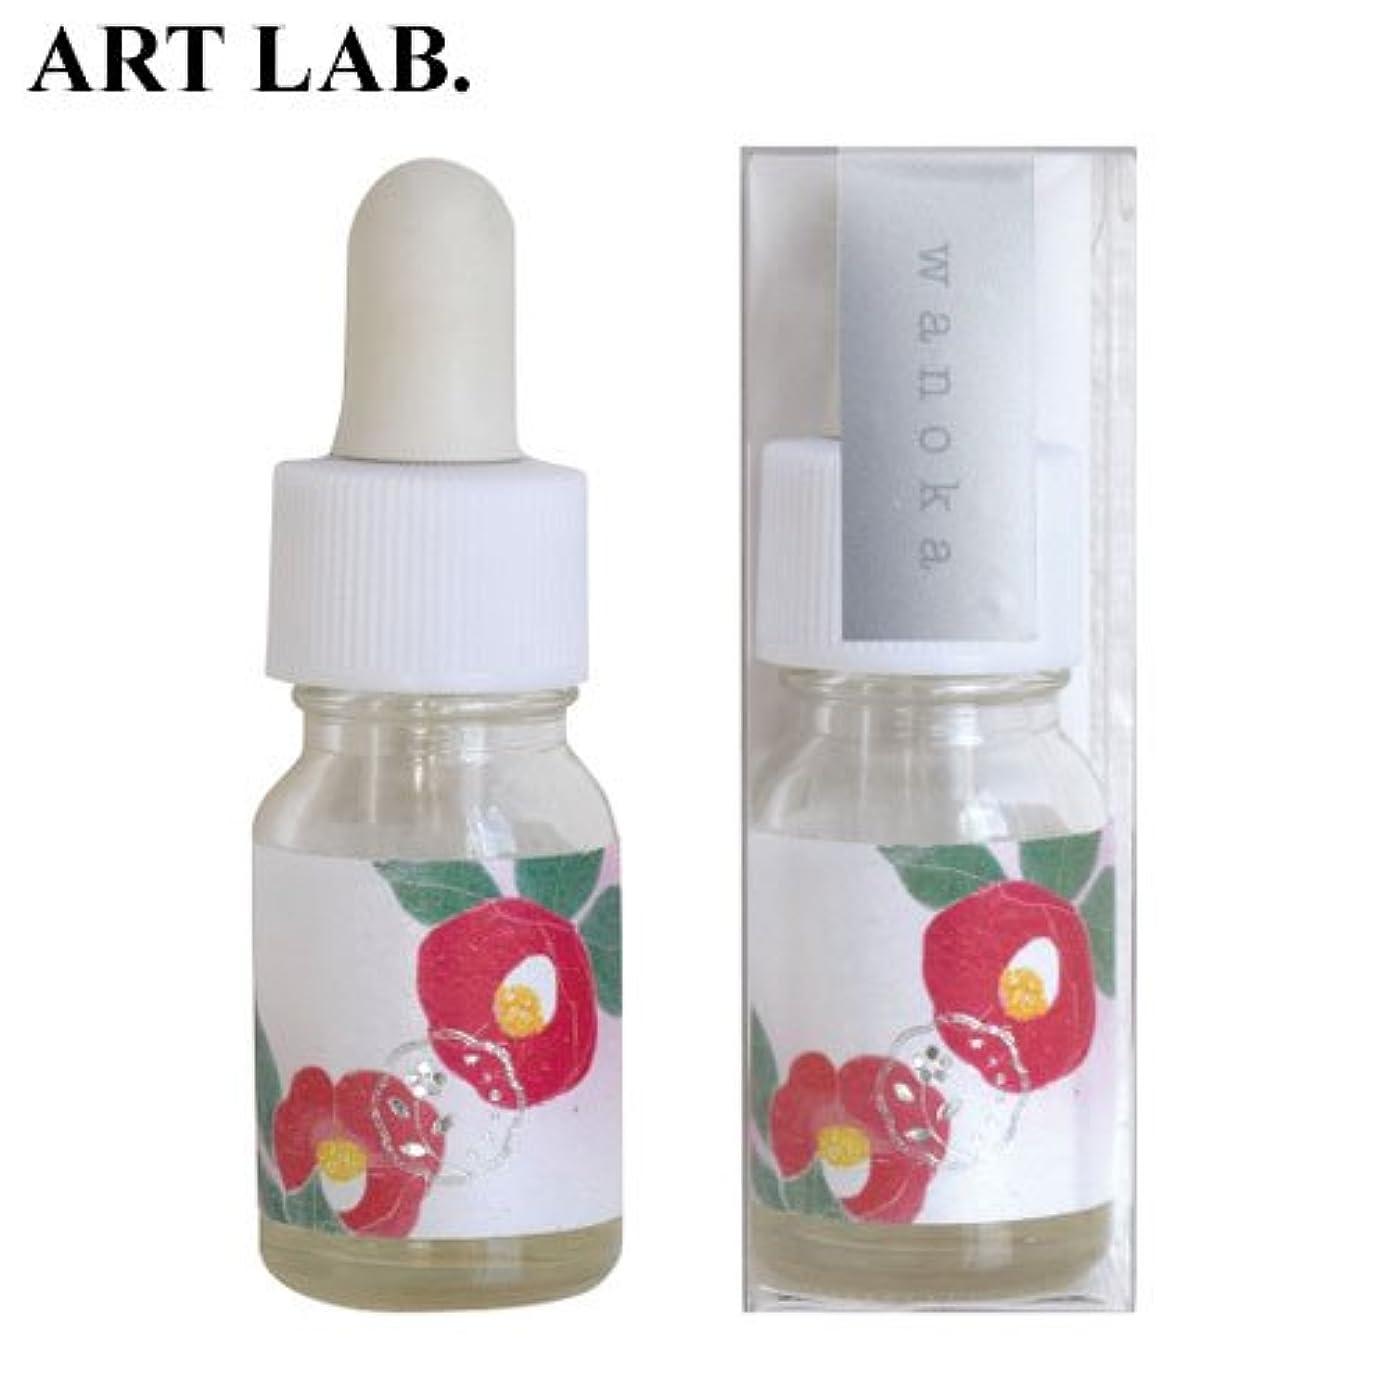 ニッケルマグ愛人wanoka香油アロマオイル椿《おしとやかで深みのある香り》ART LABAromatic oil